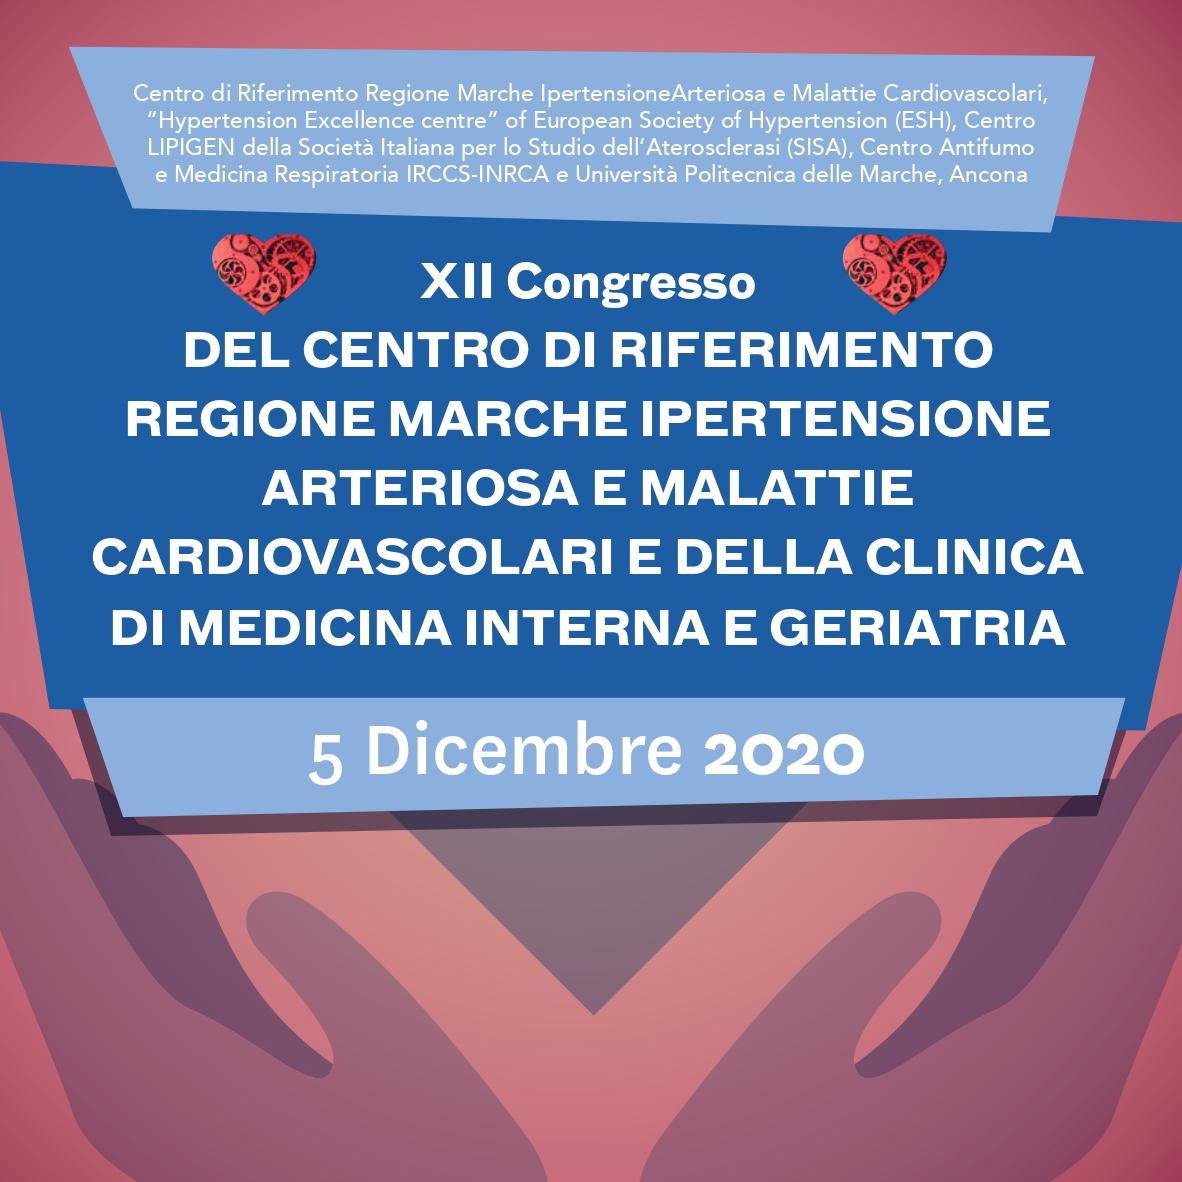 Course Image XII Congresso del Centro di Riferimento Regione Marche Ipertensione Arteriosa e Malattie Cardiovascolari e della Clinica di Medicina Interna e Geriatria, Università Politecnica delle Marche e IRCCS-INRCA